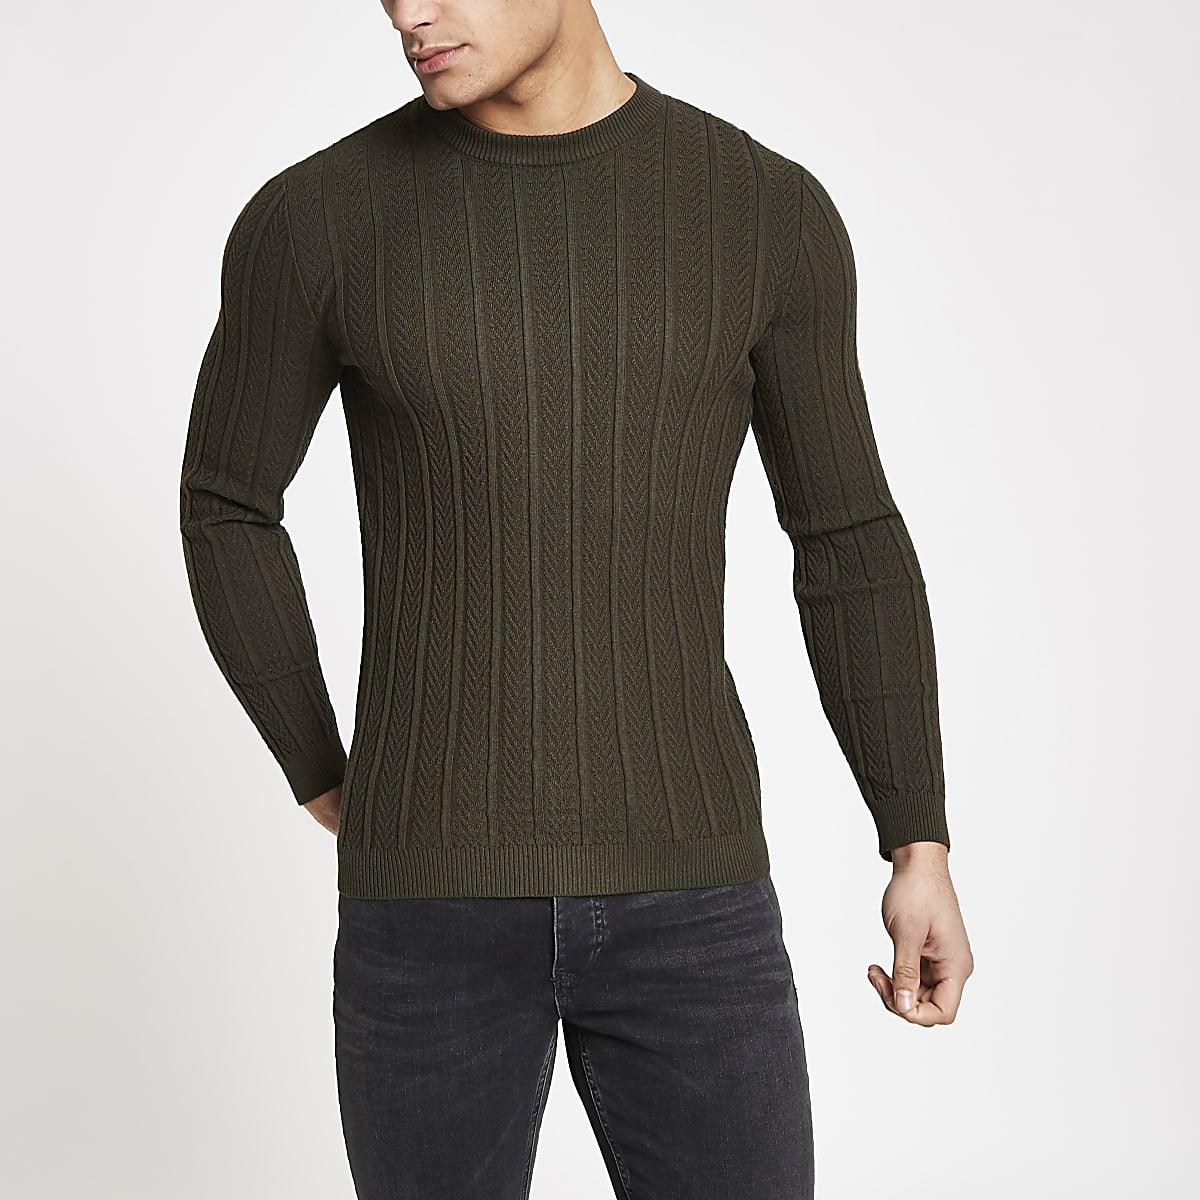 Khaki chevron stitch muscle fit sweater